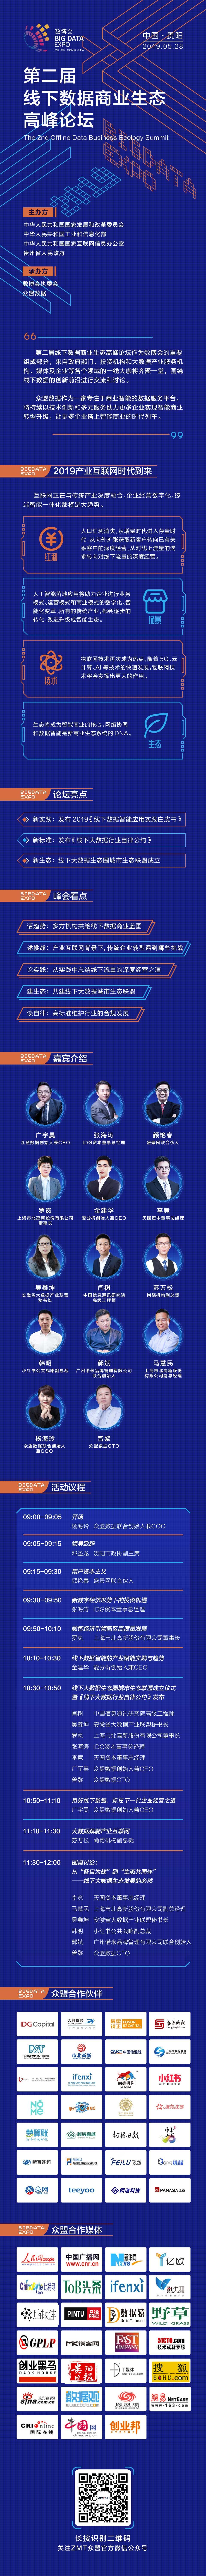 2019数博会第二届线下数据商业生态高峰论坛即将盛大启幕